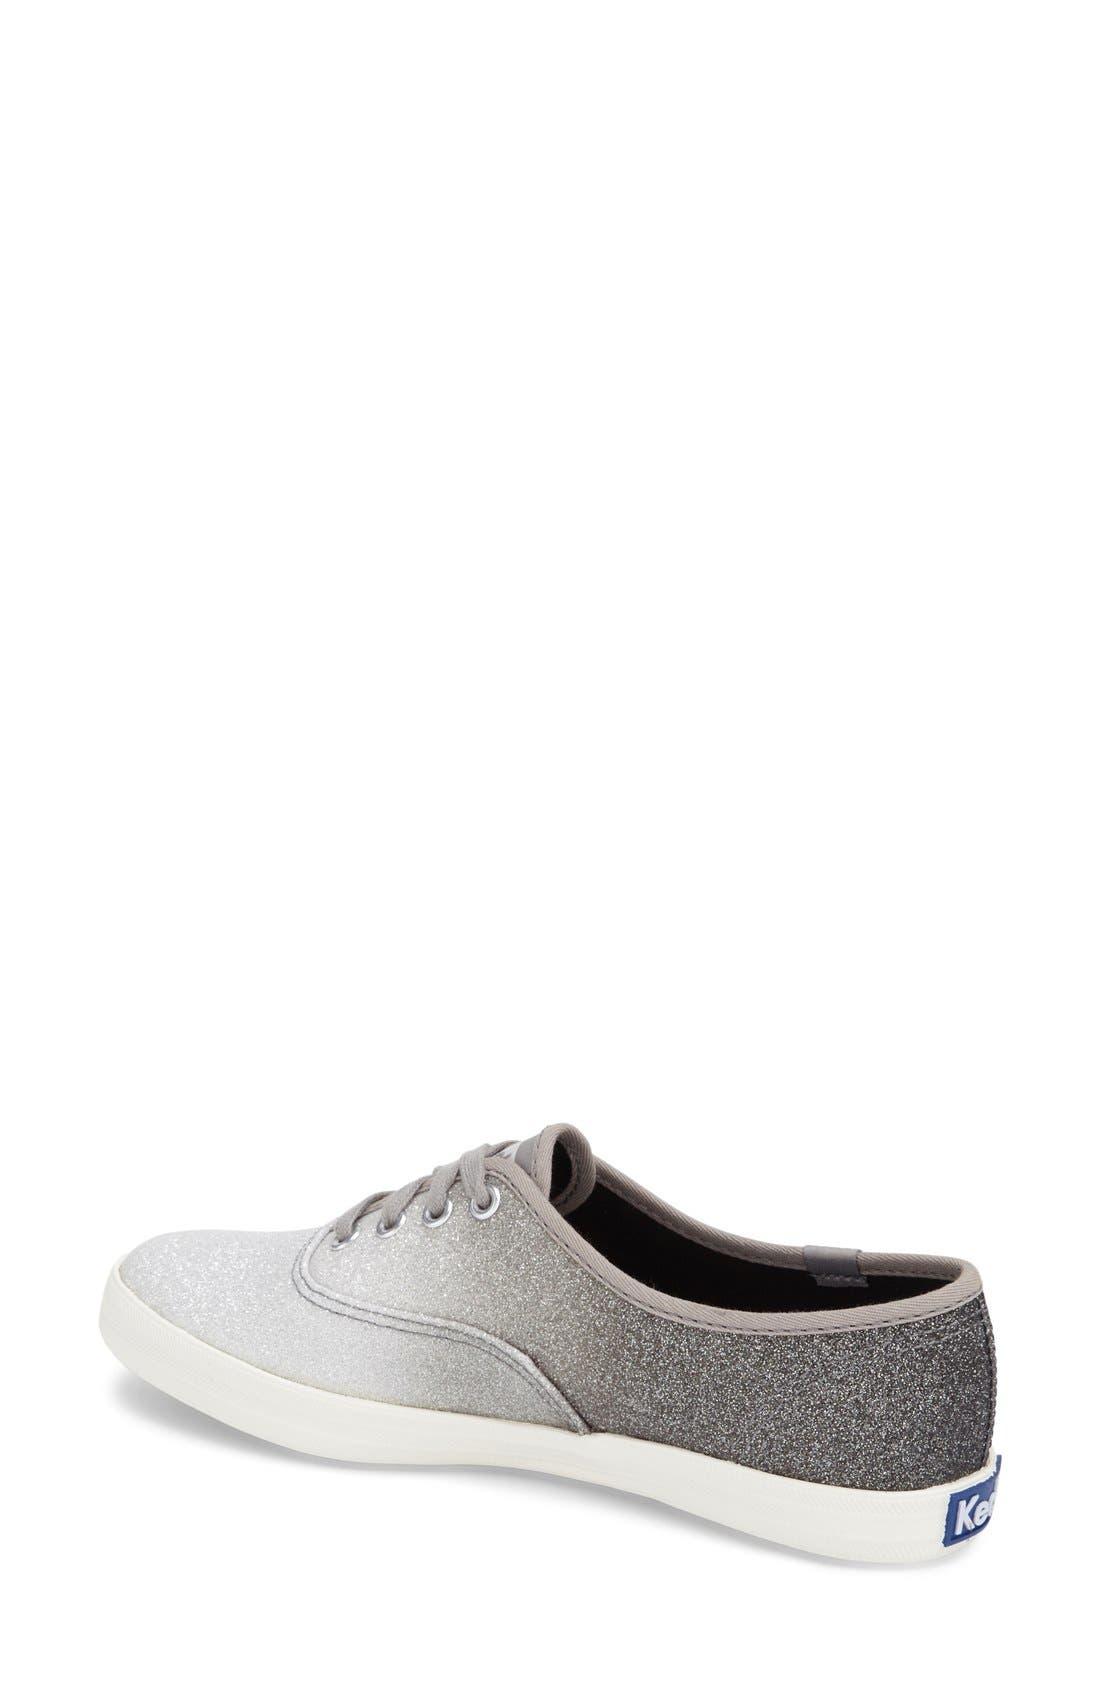 Alternate Image 2  - Keds® 'Champion - Ombré Glitter' Sneaker (Women)